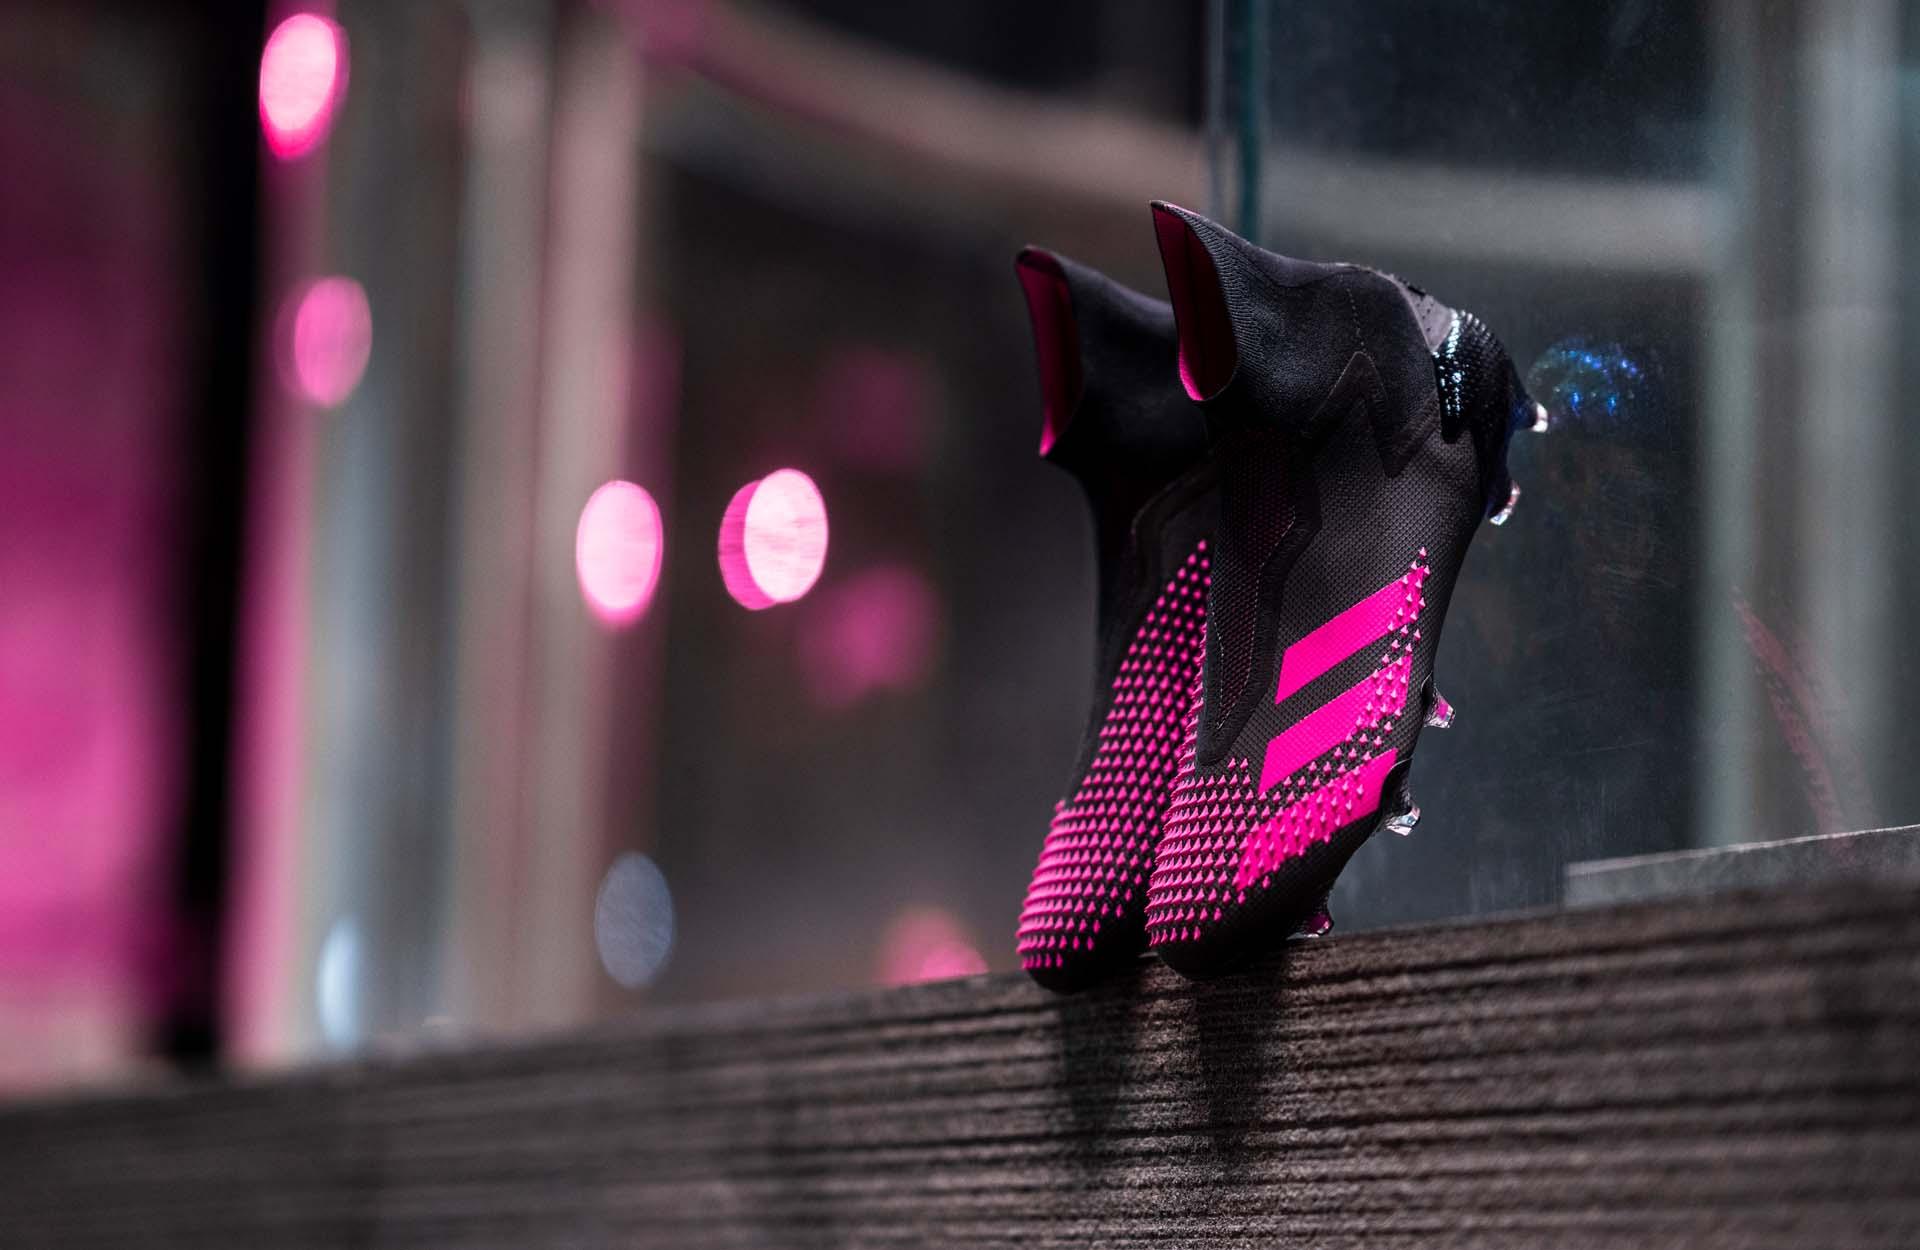 """Thiết kế độc quyền của Pro: Direct Soccer đặc biệt với phối màu """"Black/Fluro Pink"""""""